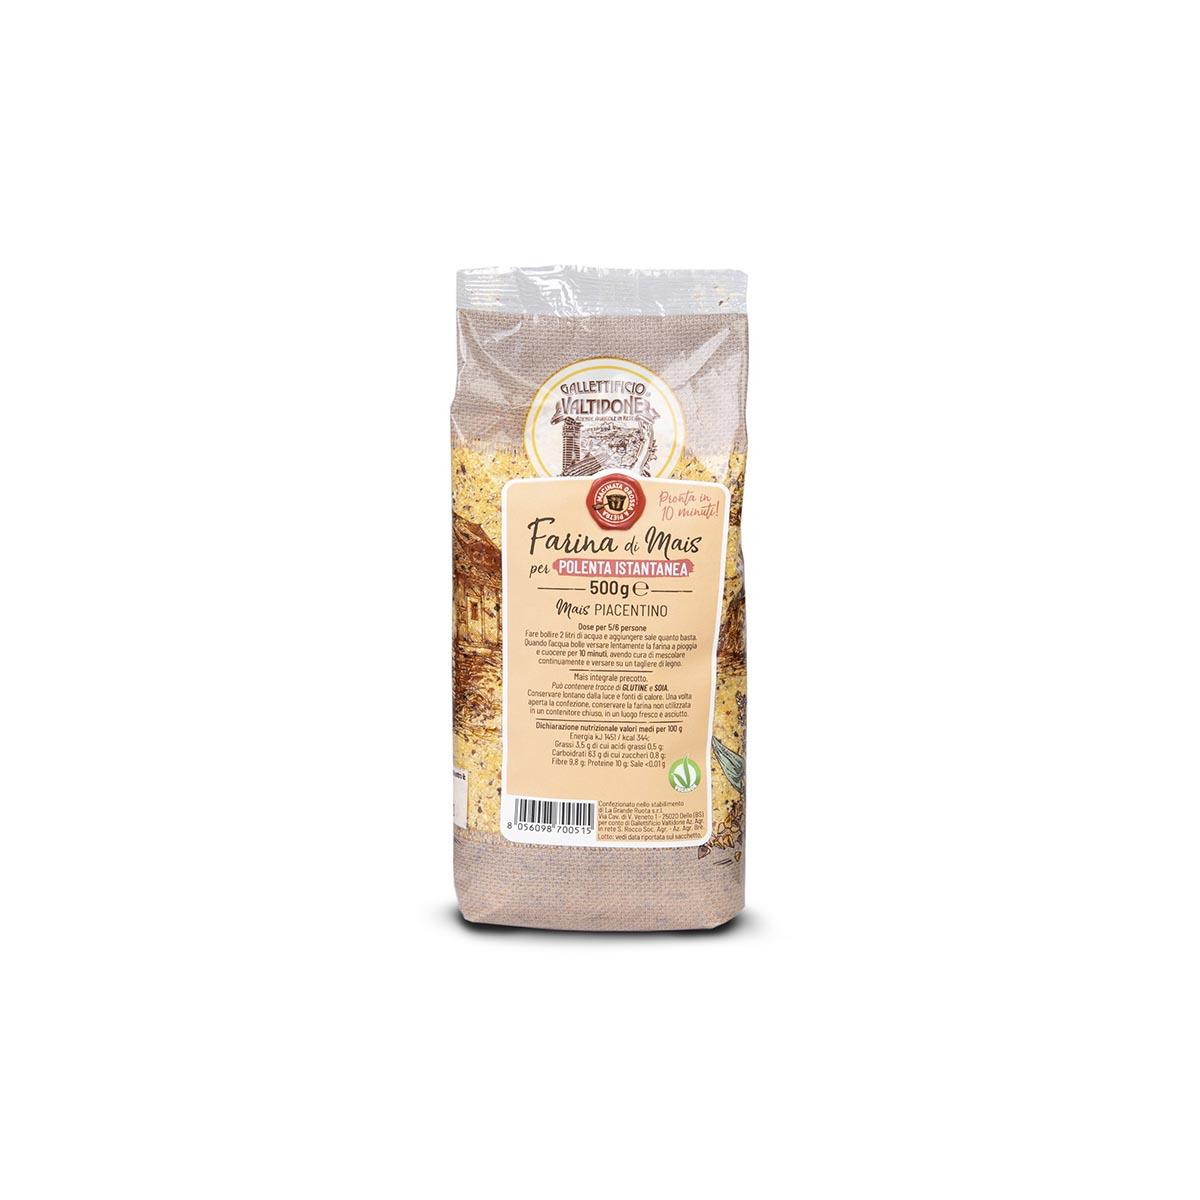 gallettificio-valtidone-instant-polenta